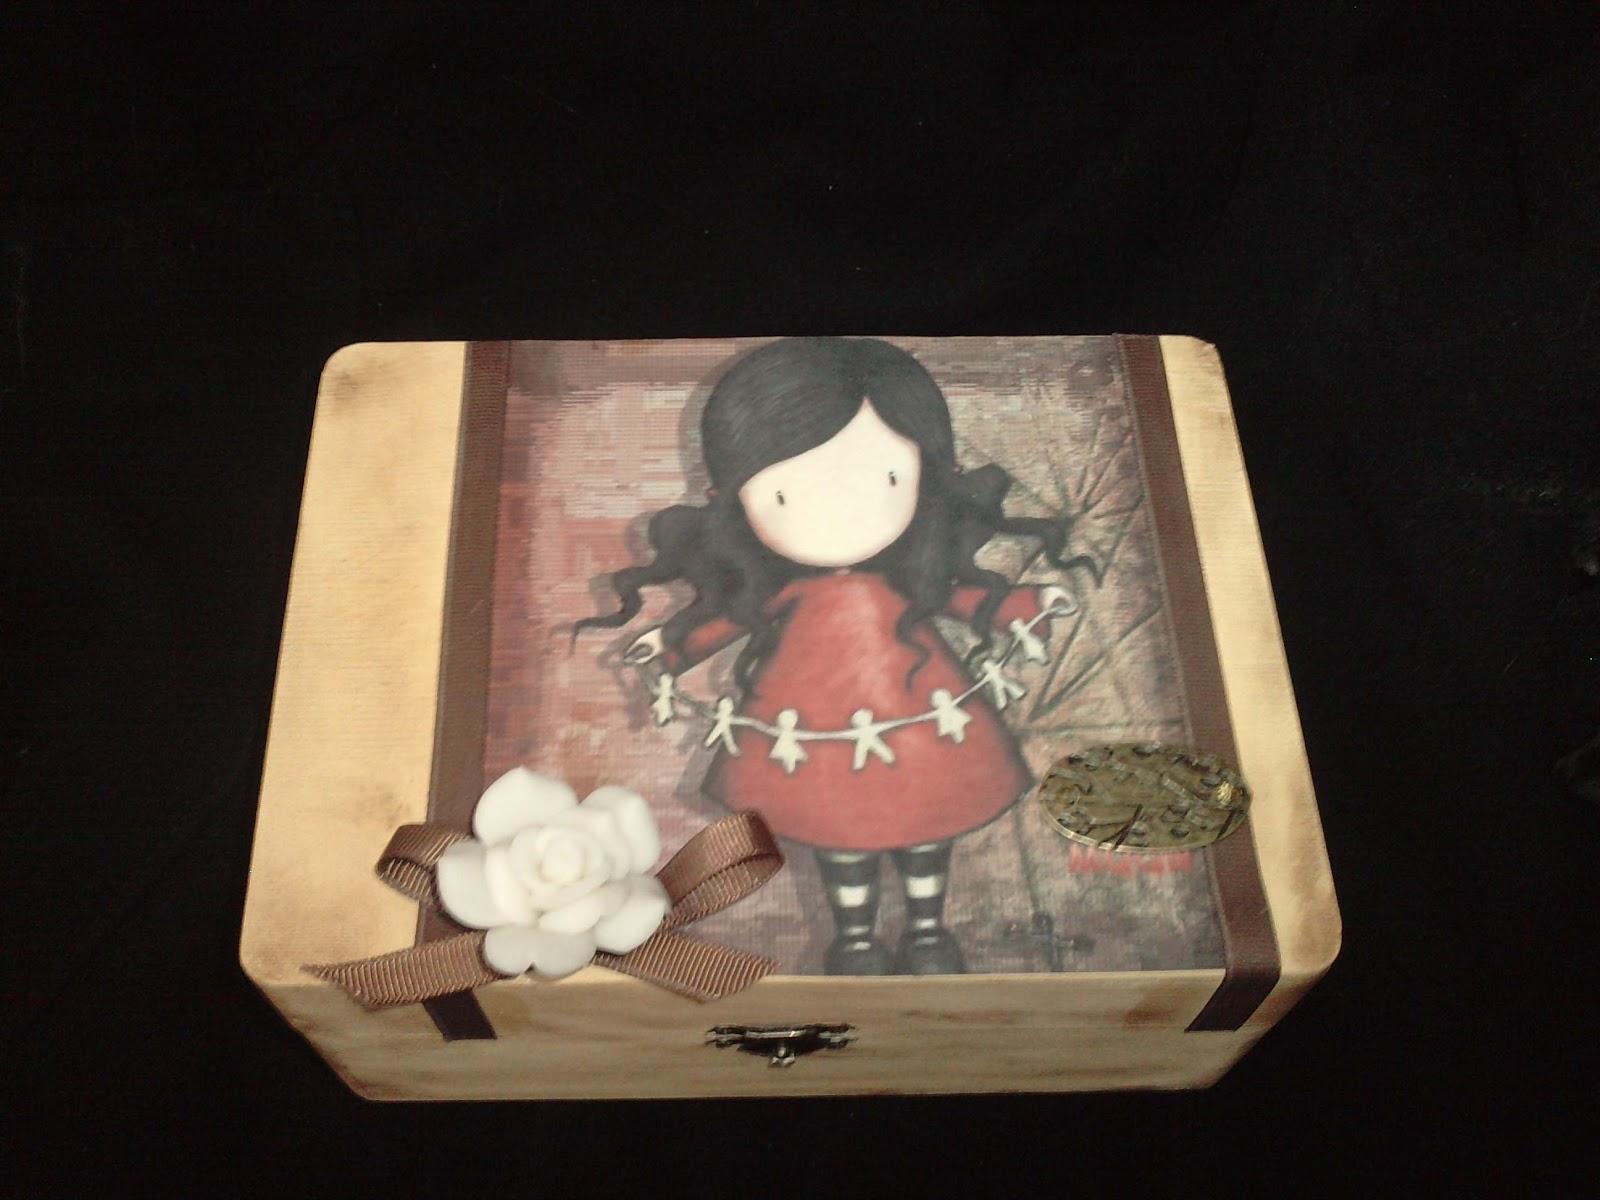 Artesania mydina cajas de madera decoradas for Decoracion de cajas